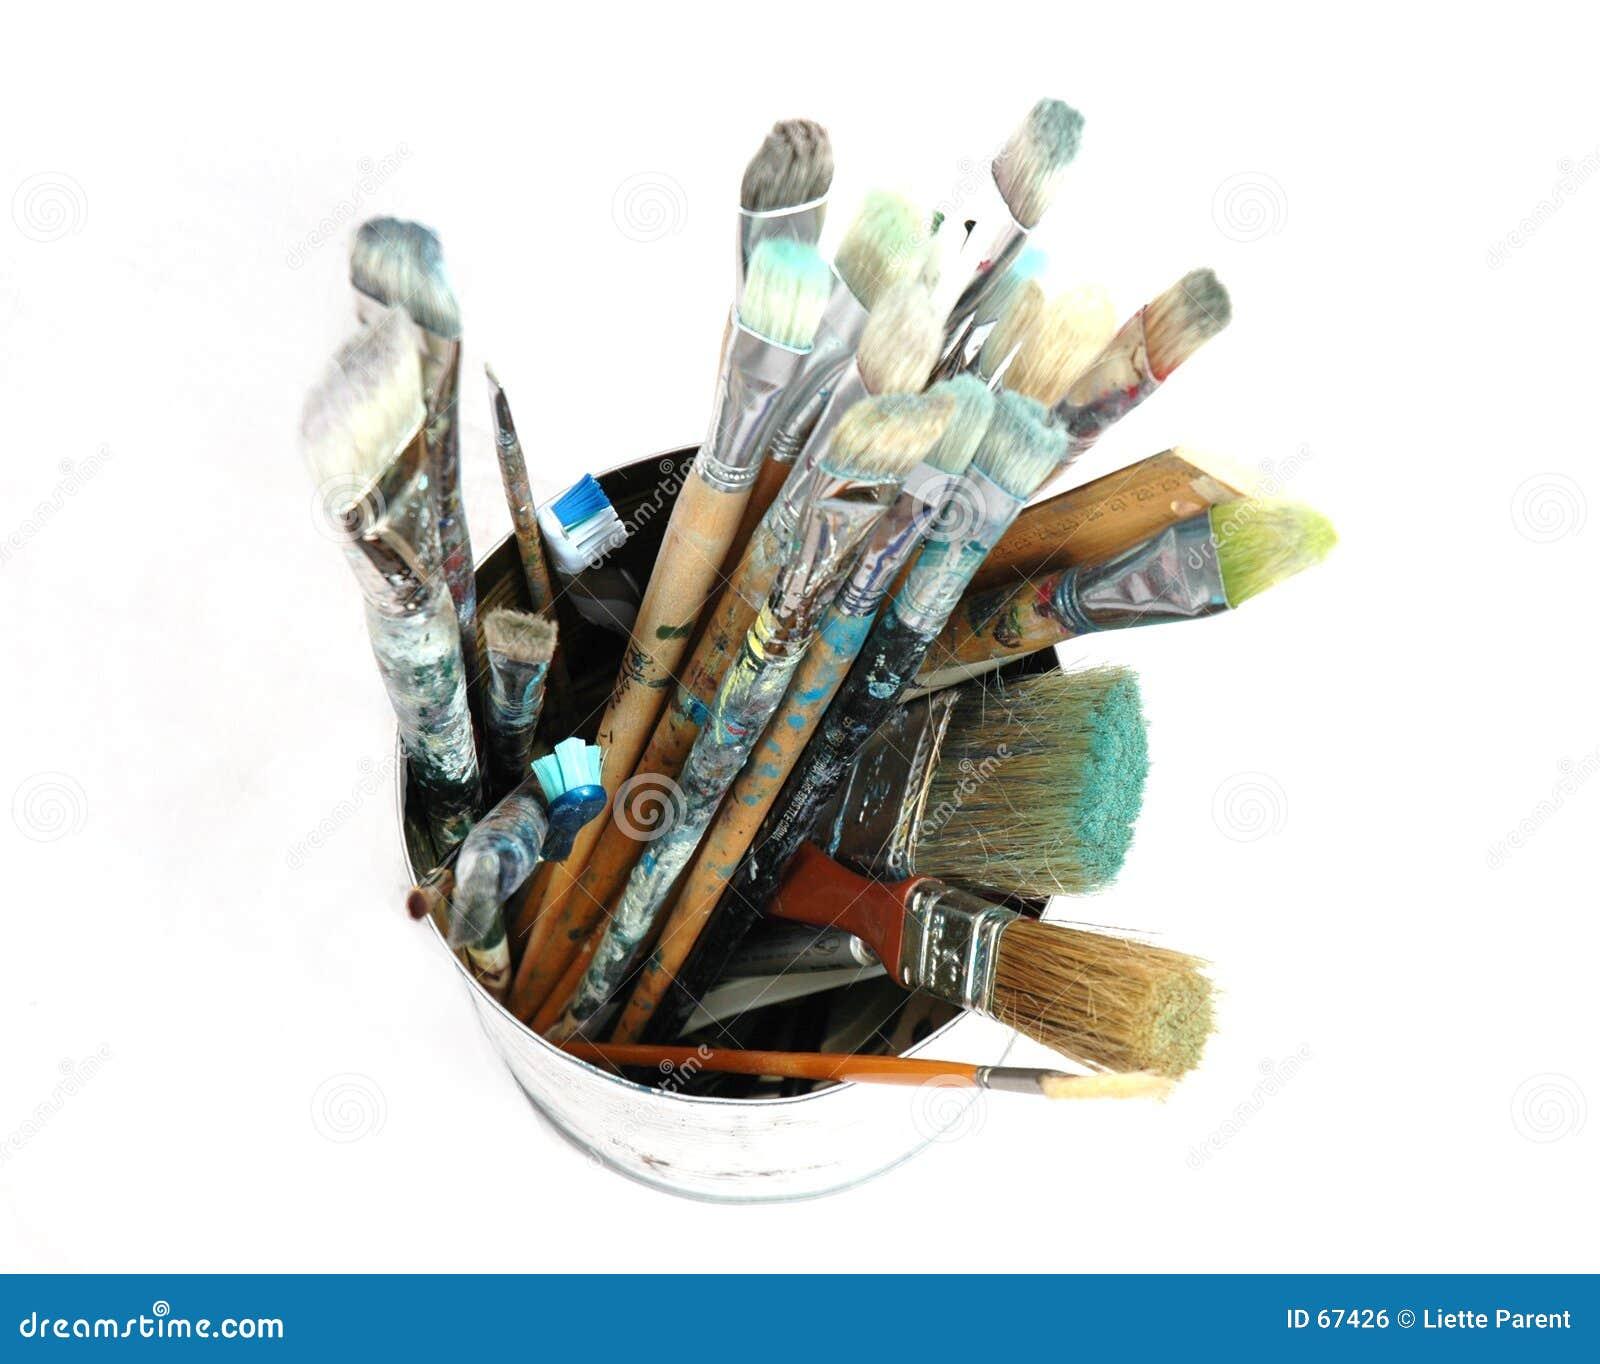 Paintbrushes_3